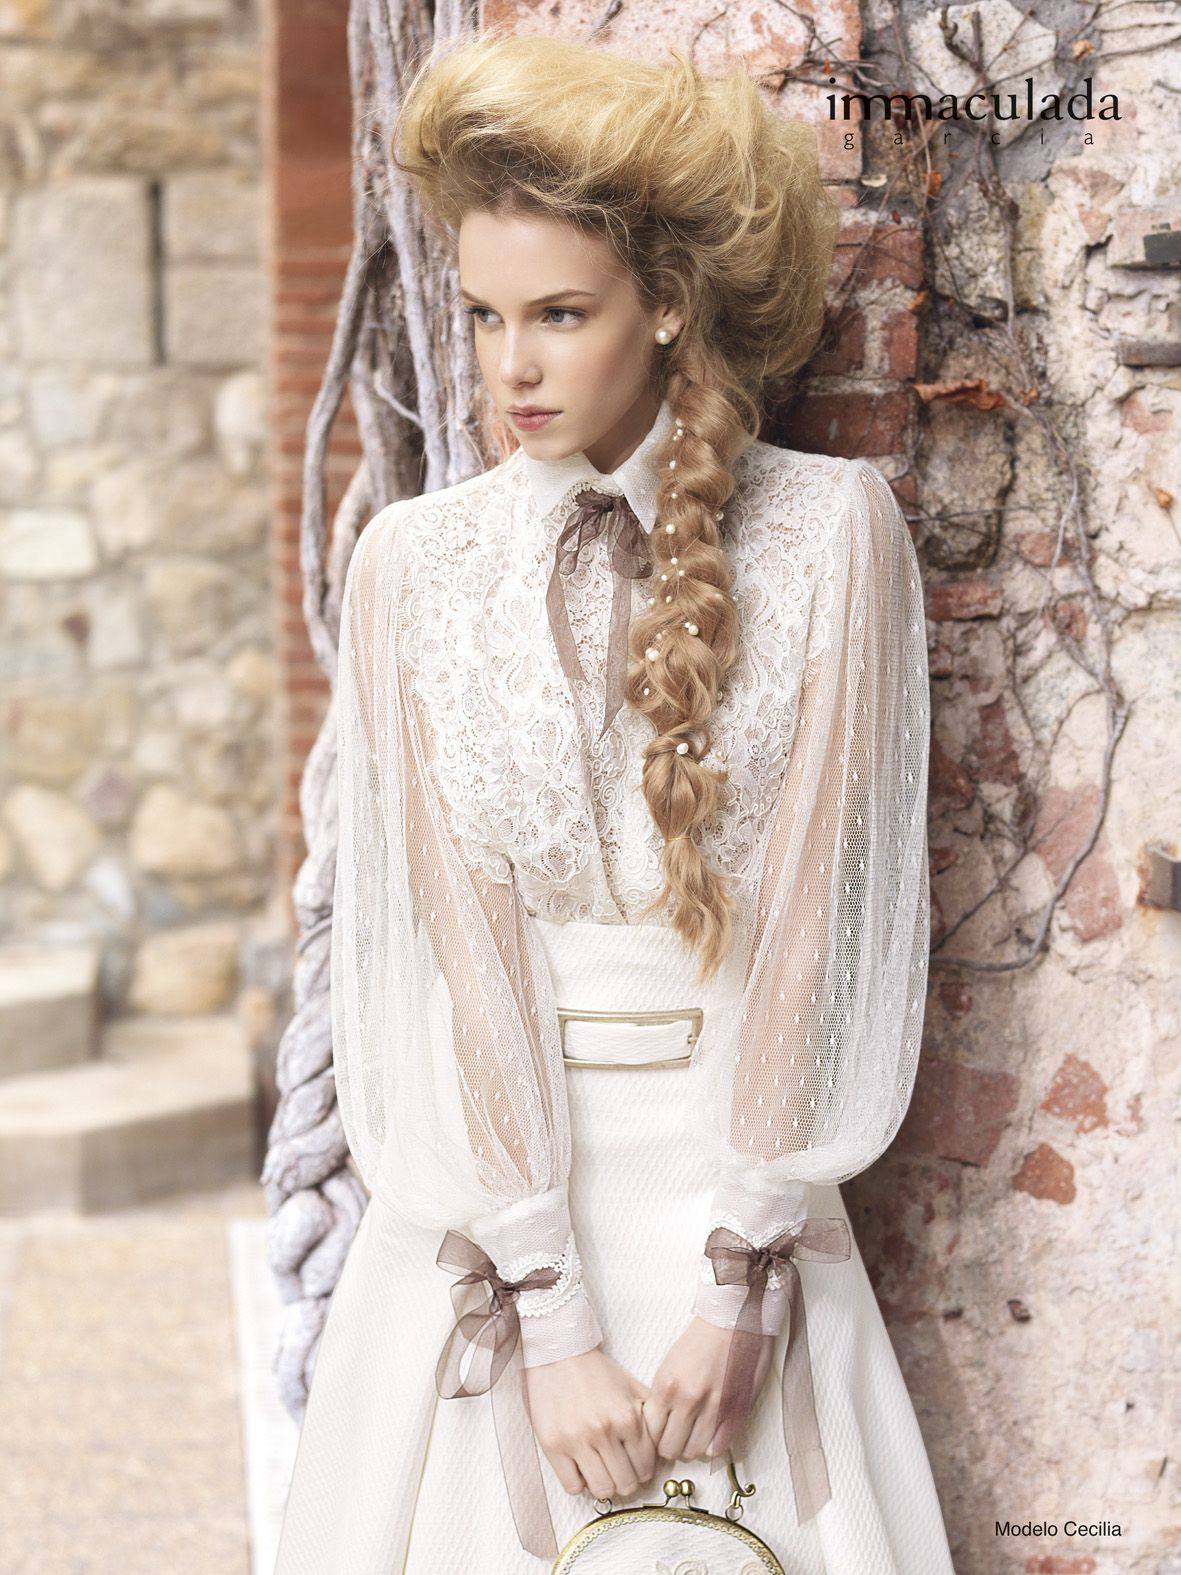 Wunderschönes, langärmliges Brautkleid im Vintage-Look mit Spitze, Schleifen und goldener Schnalle - Jetzt nachsehen bei weddix.de!